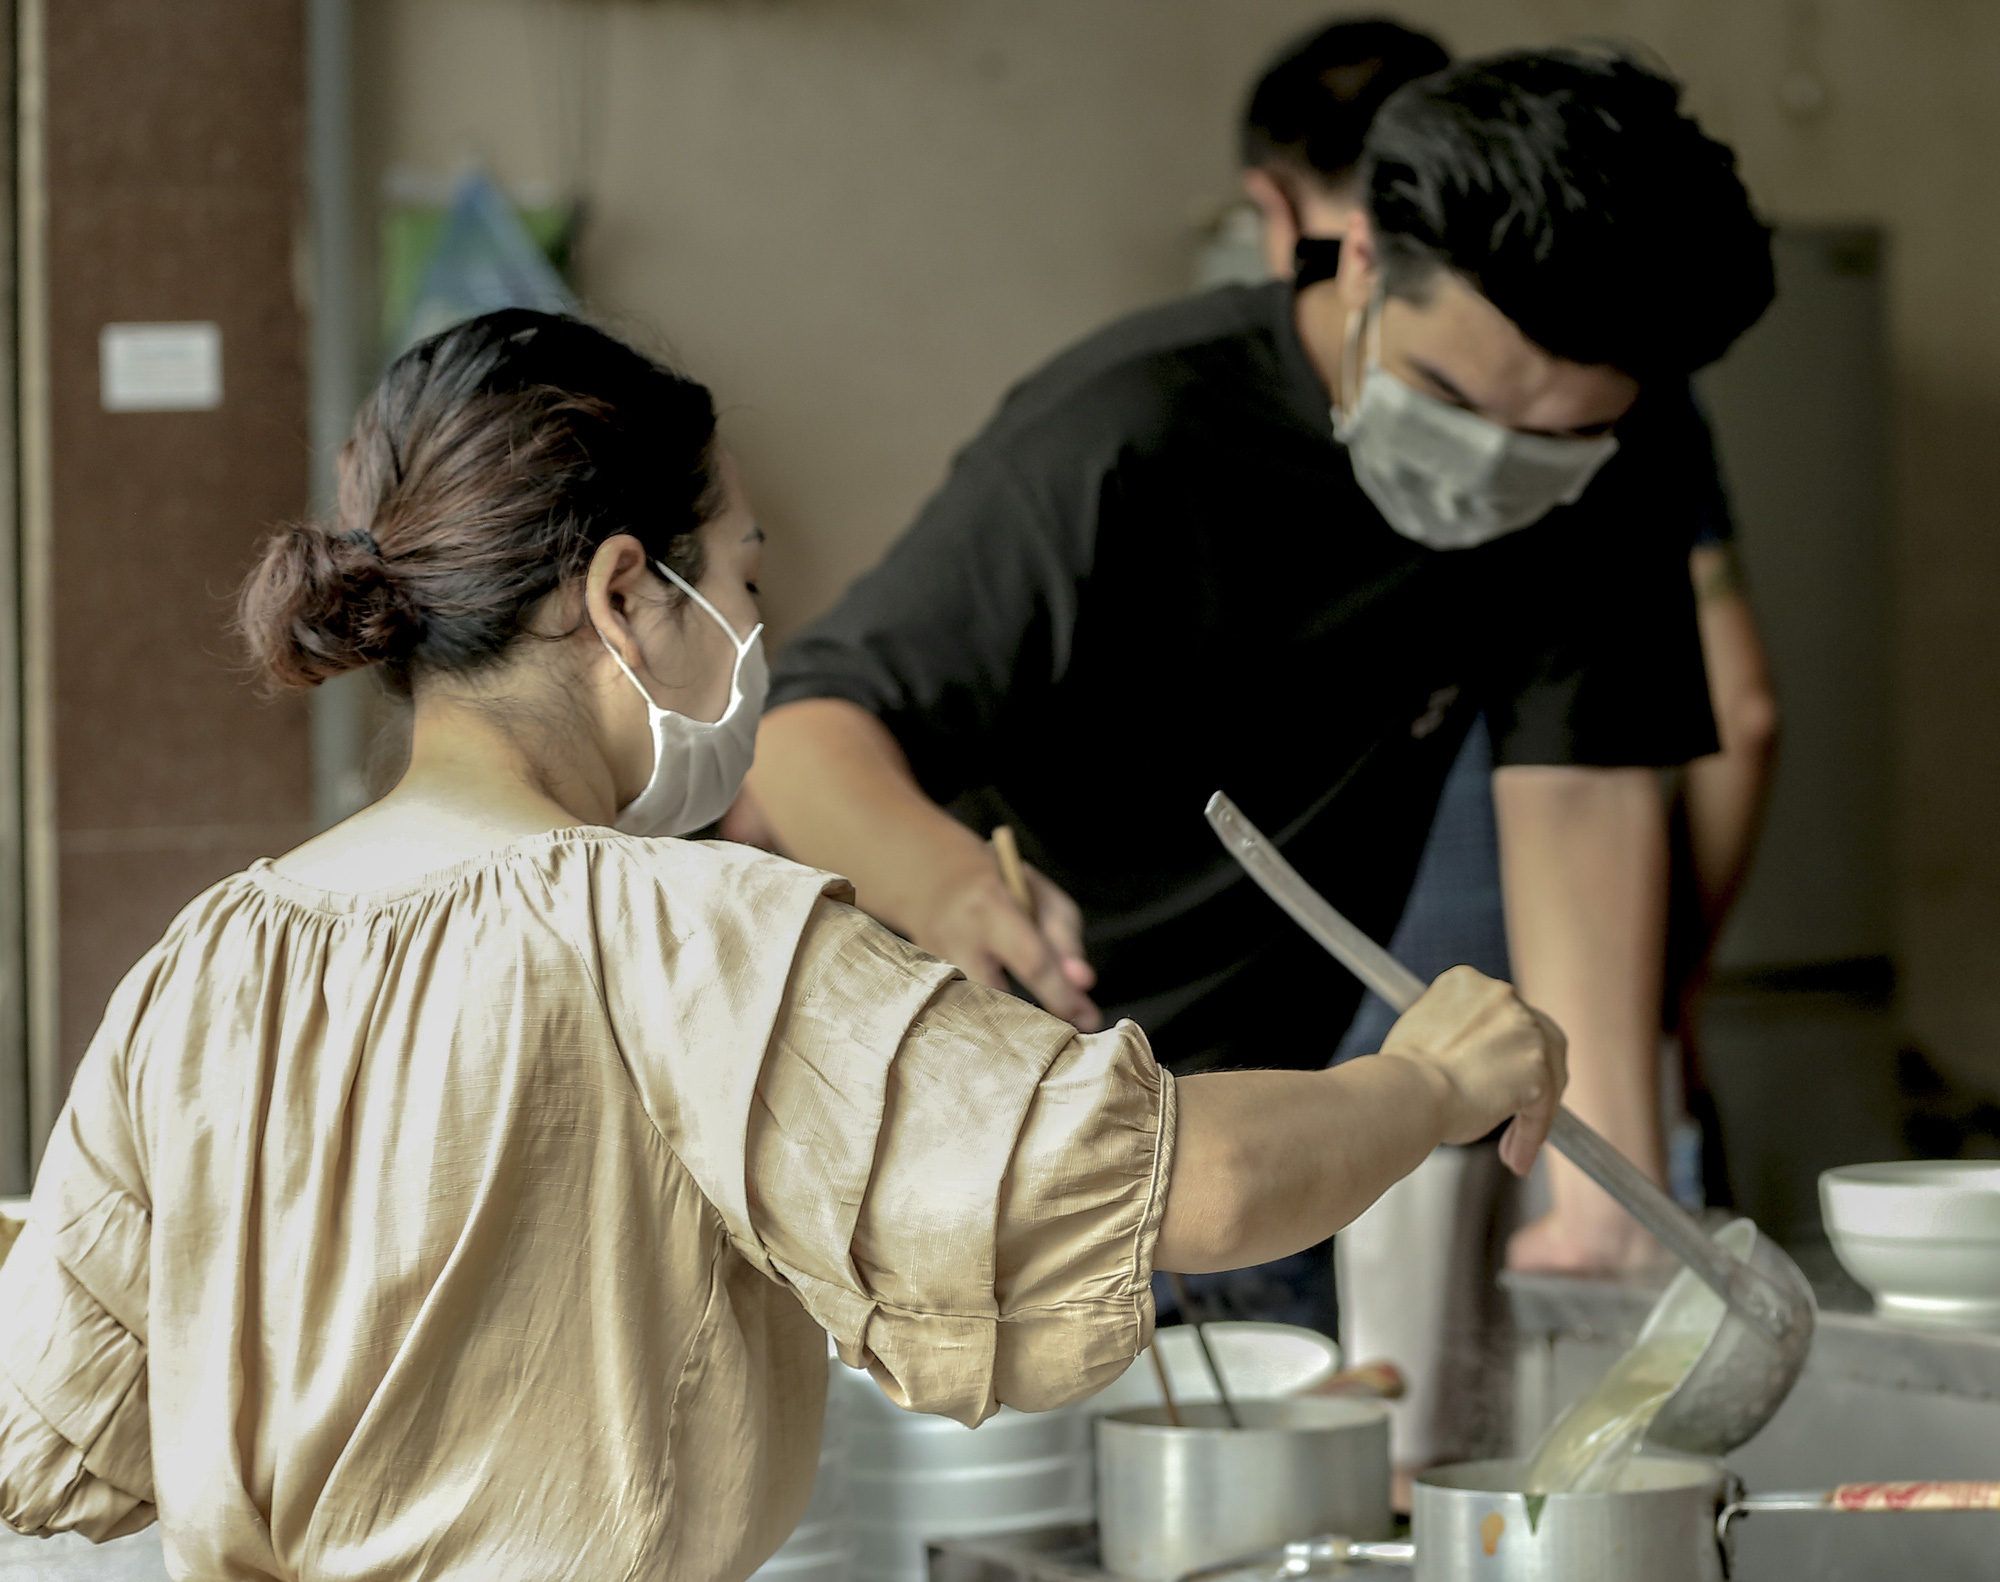 Hà Nội: Quán ăn, cà phê, tiệm tóc nhộn nhịp trong ngày đầu hoạt động trở lại - Ảnh 3.